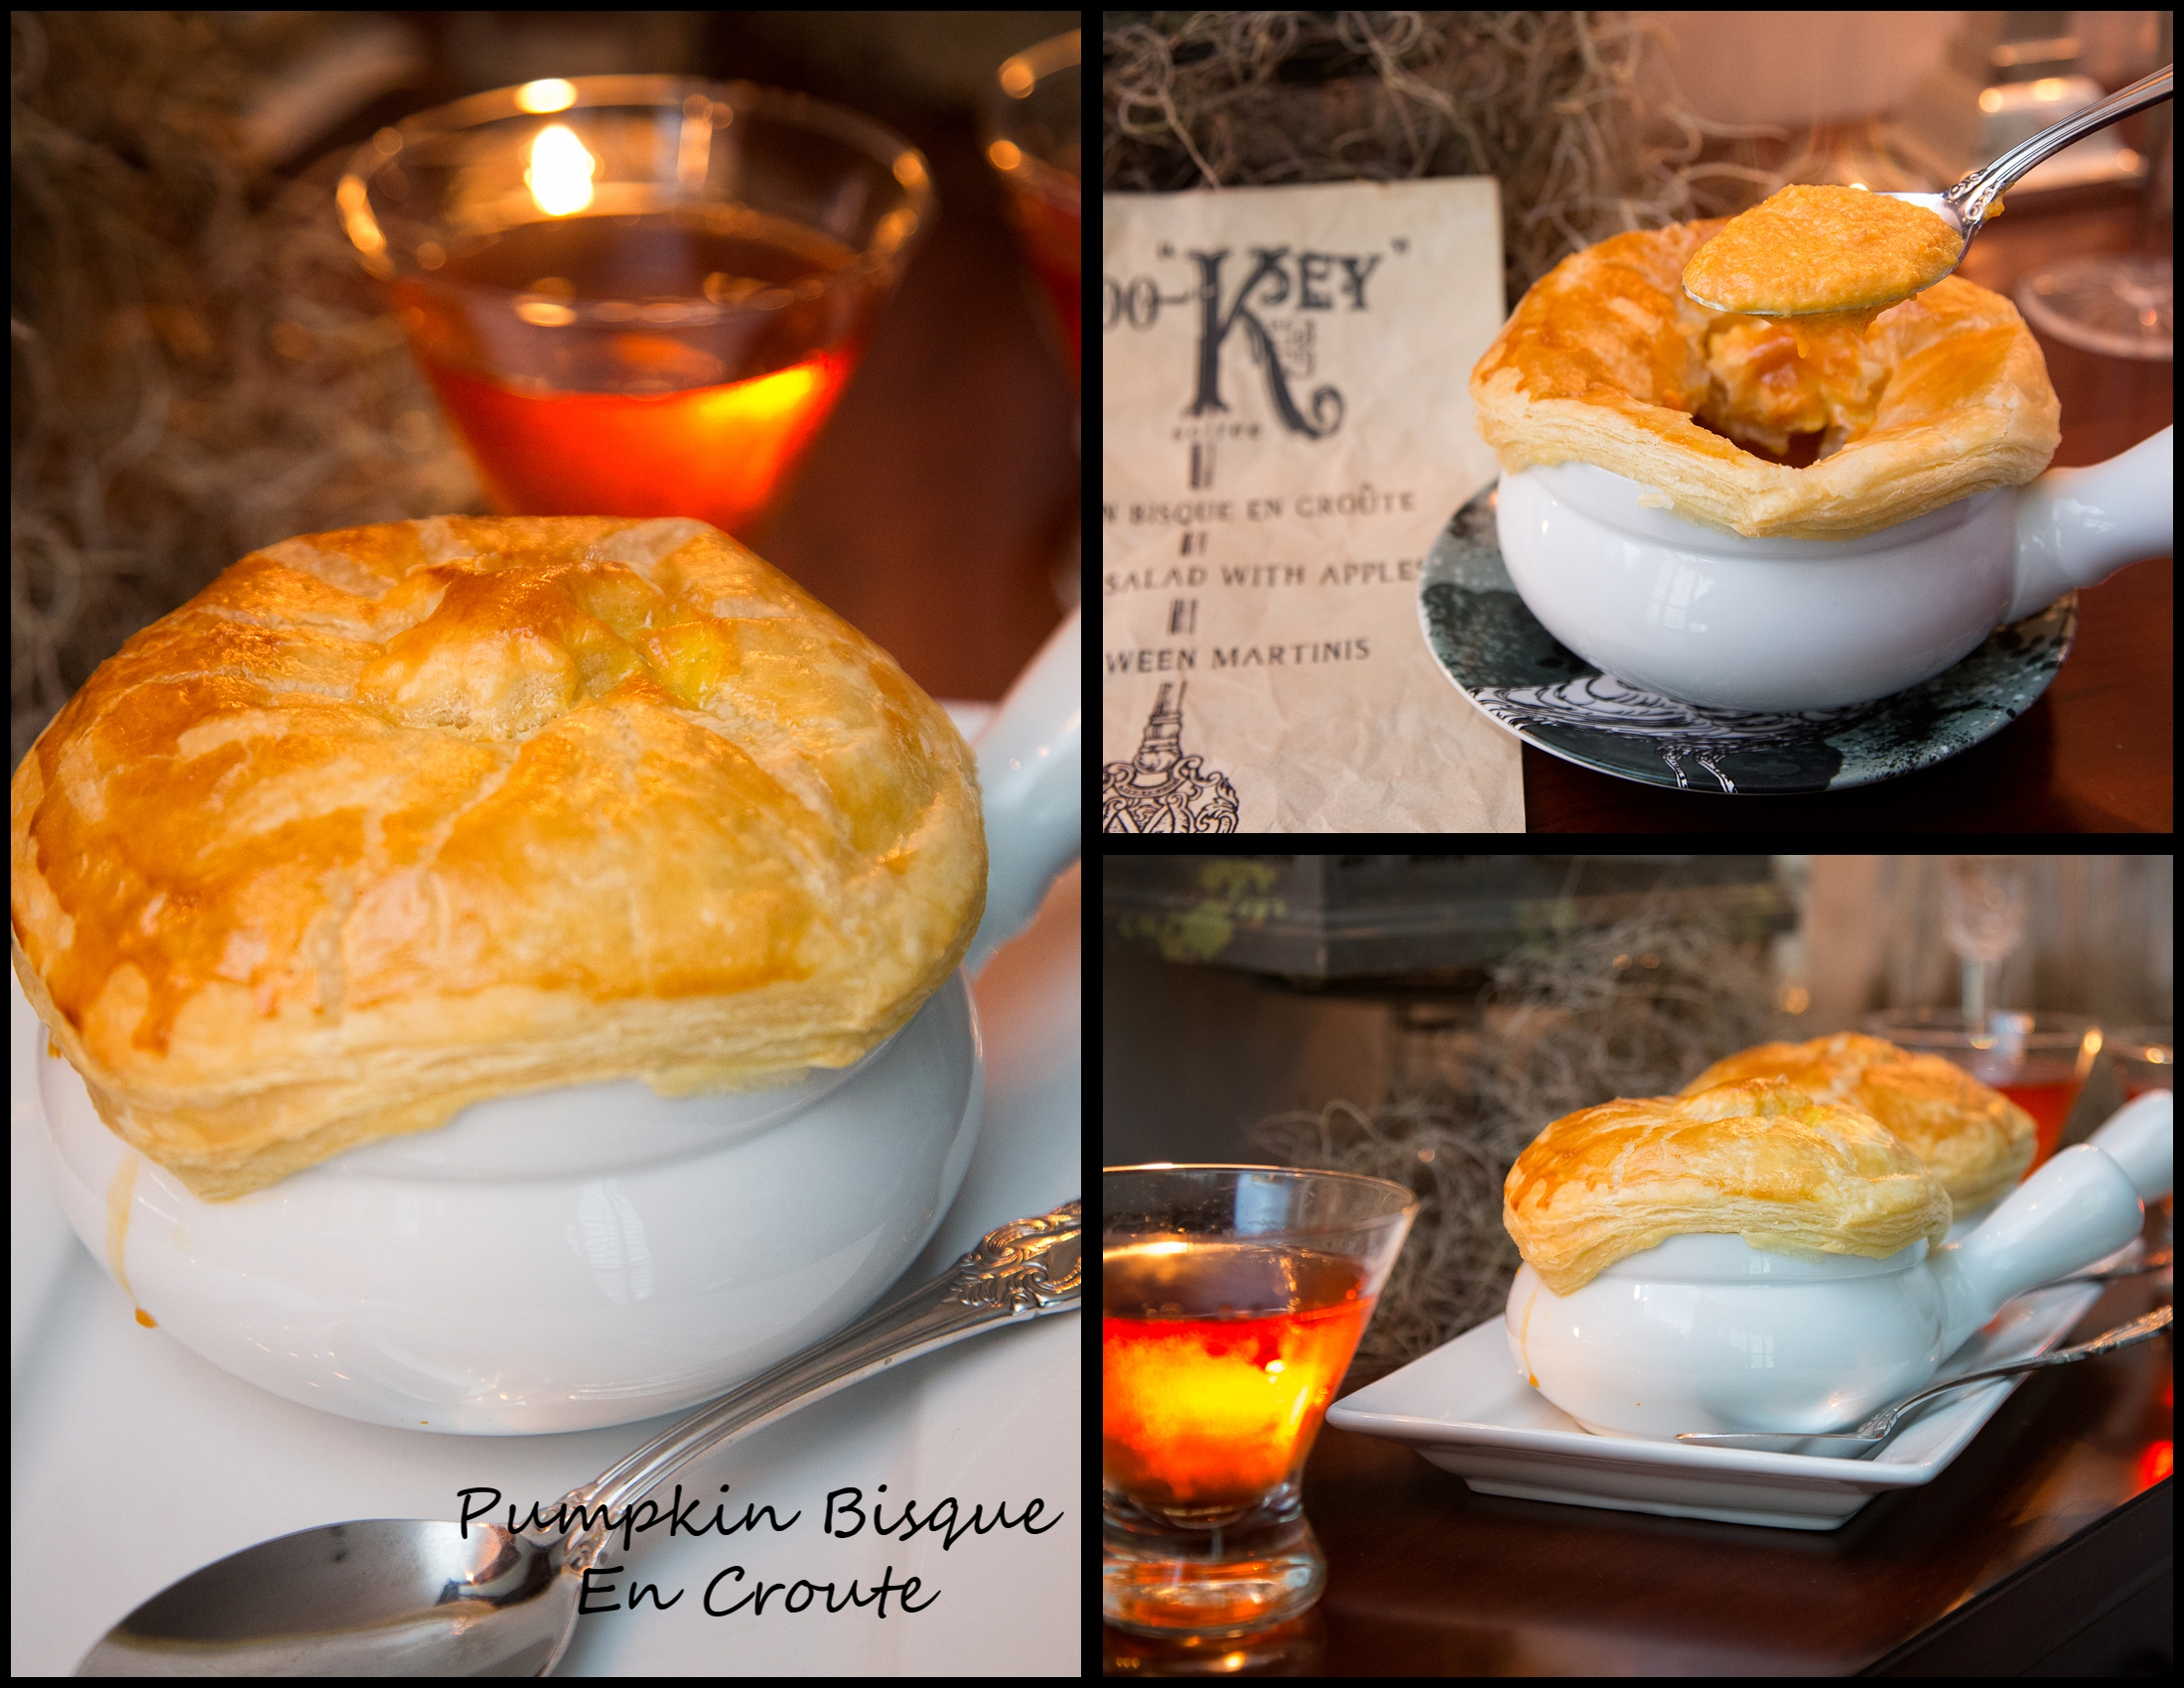 Pumpkin Bisque En Croute!